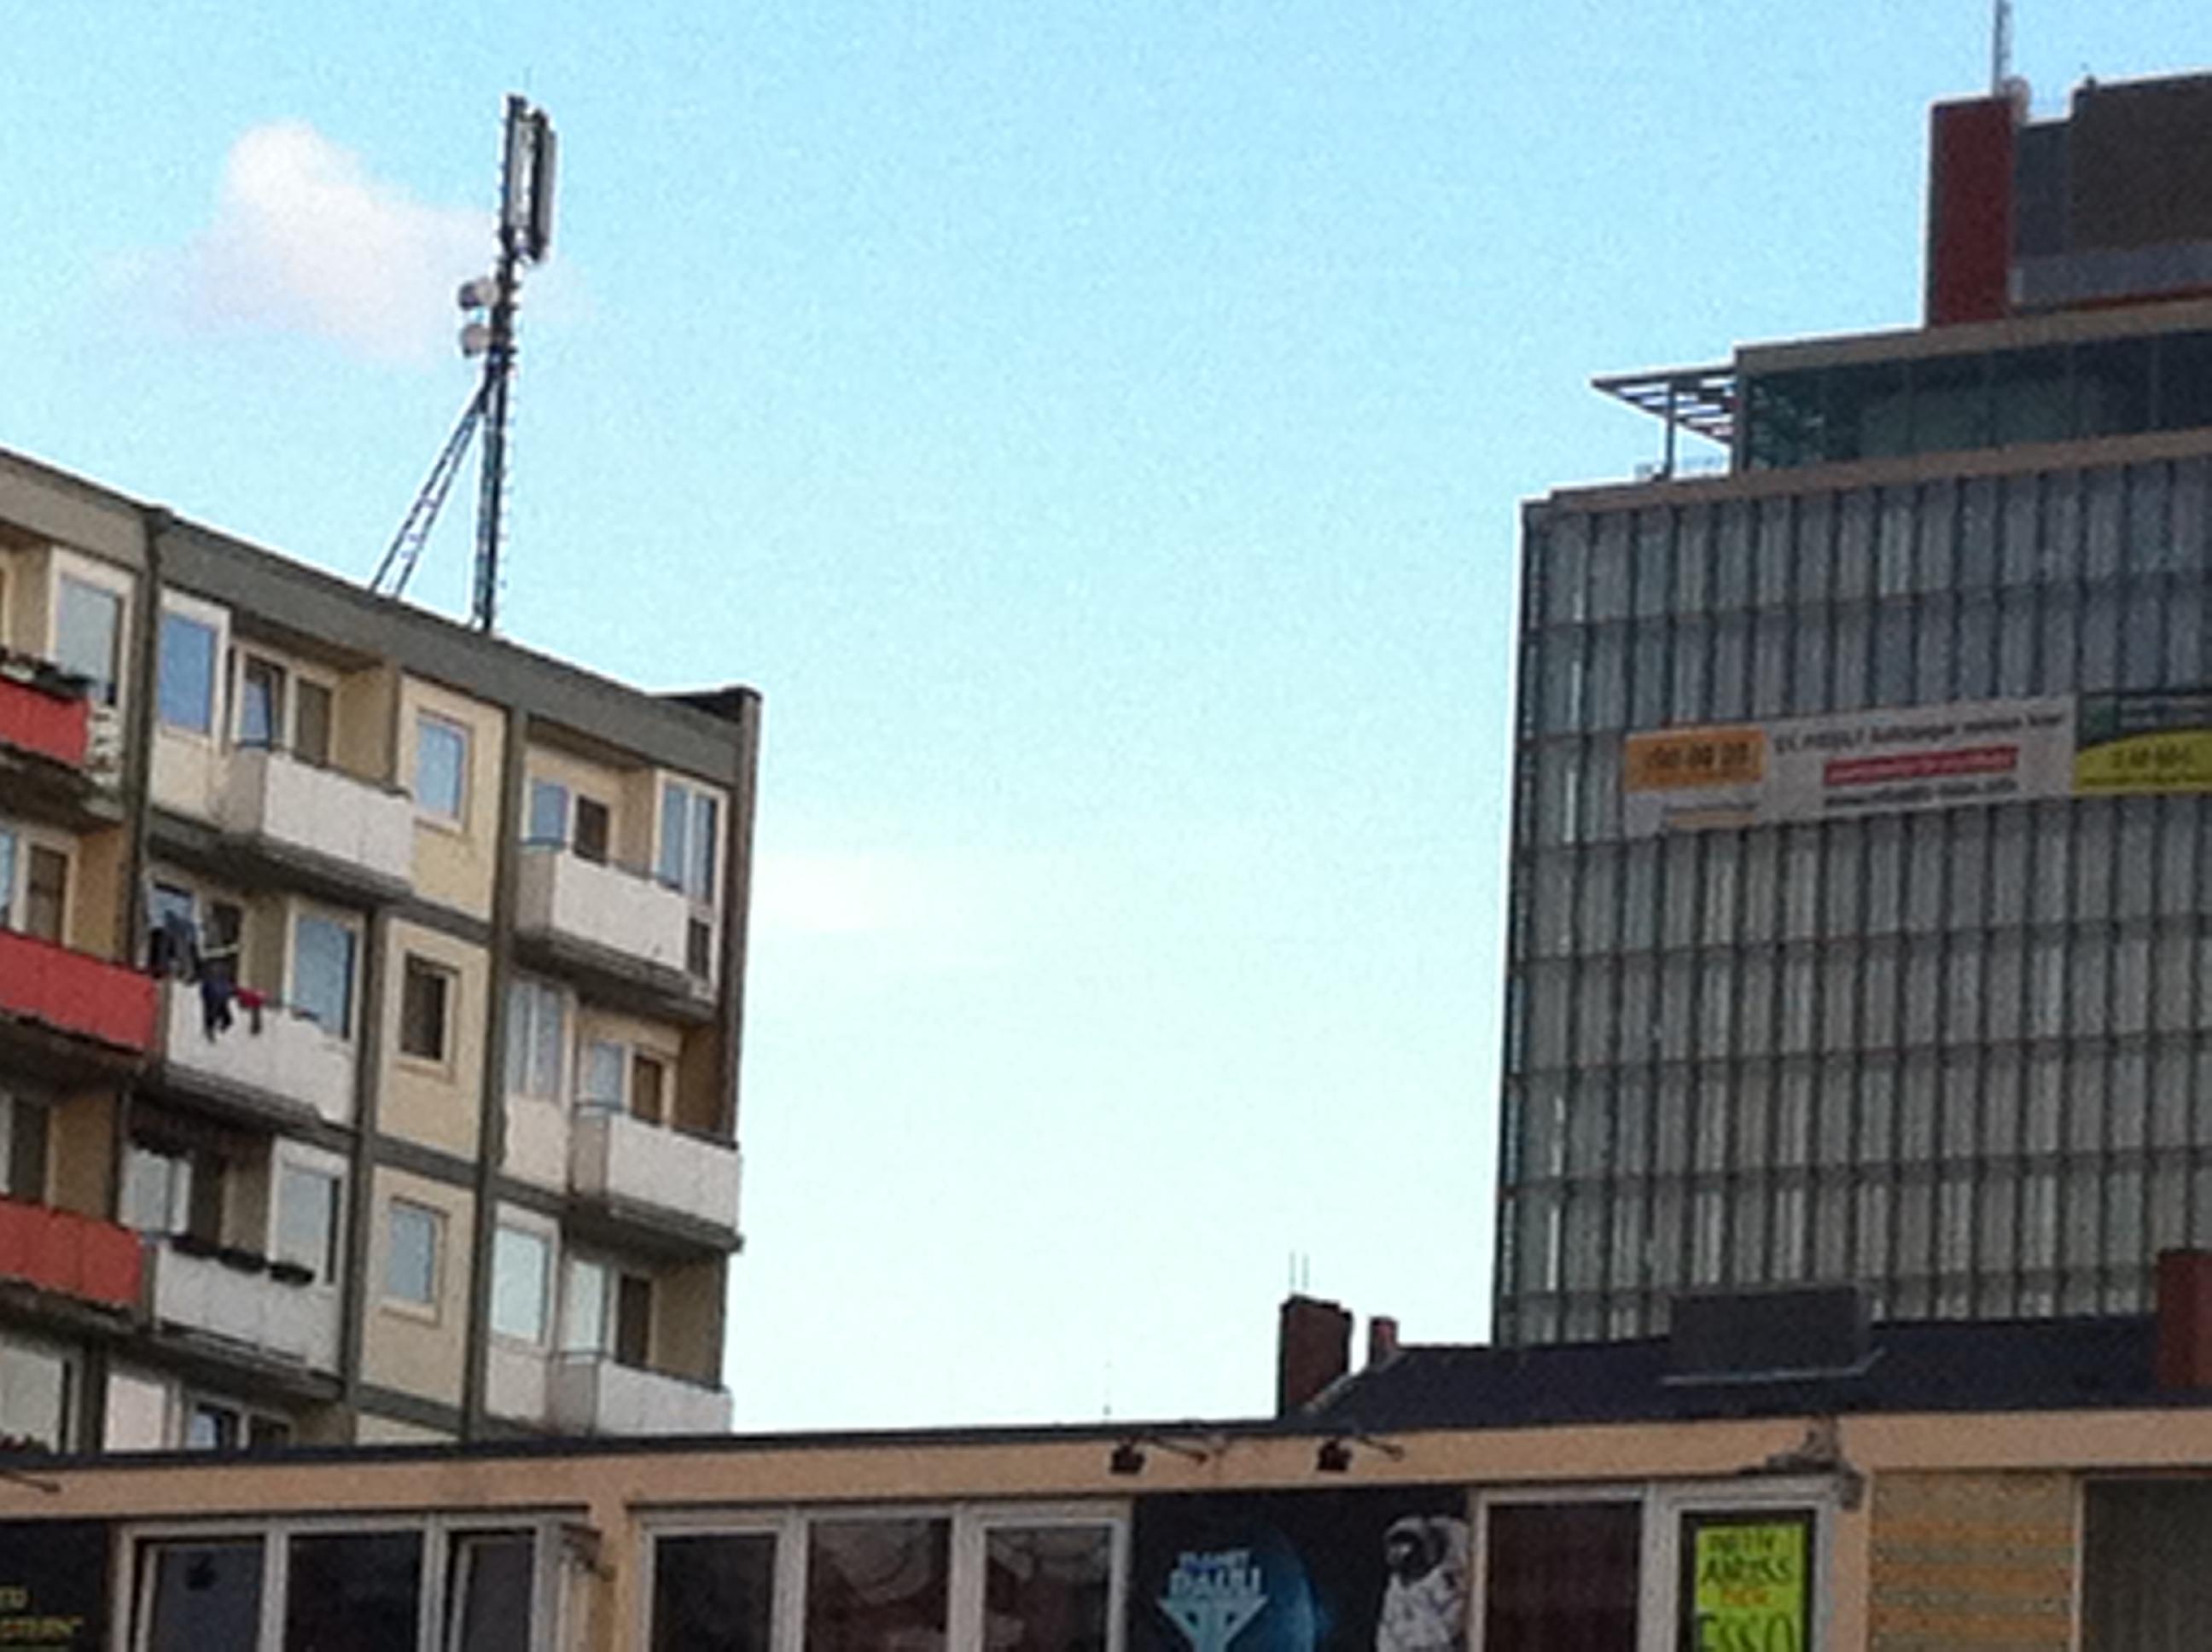 Essohochhäuser auf dem Kiez